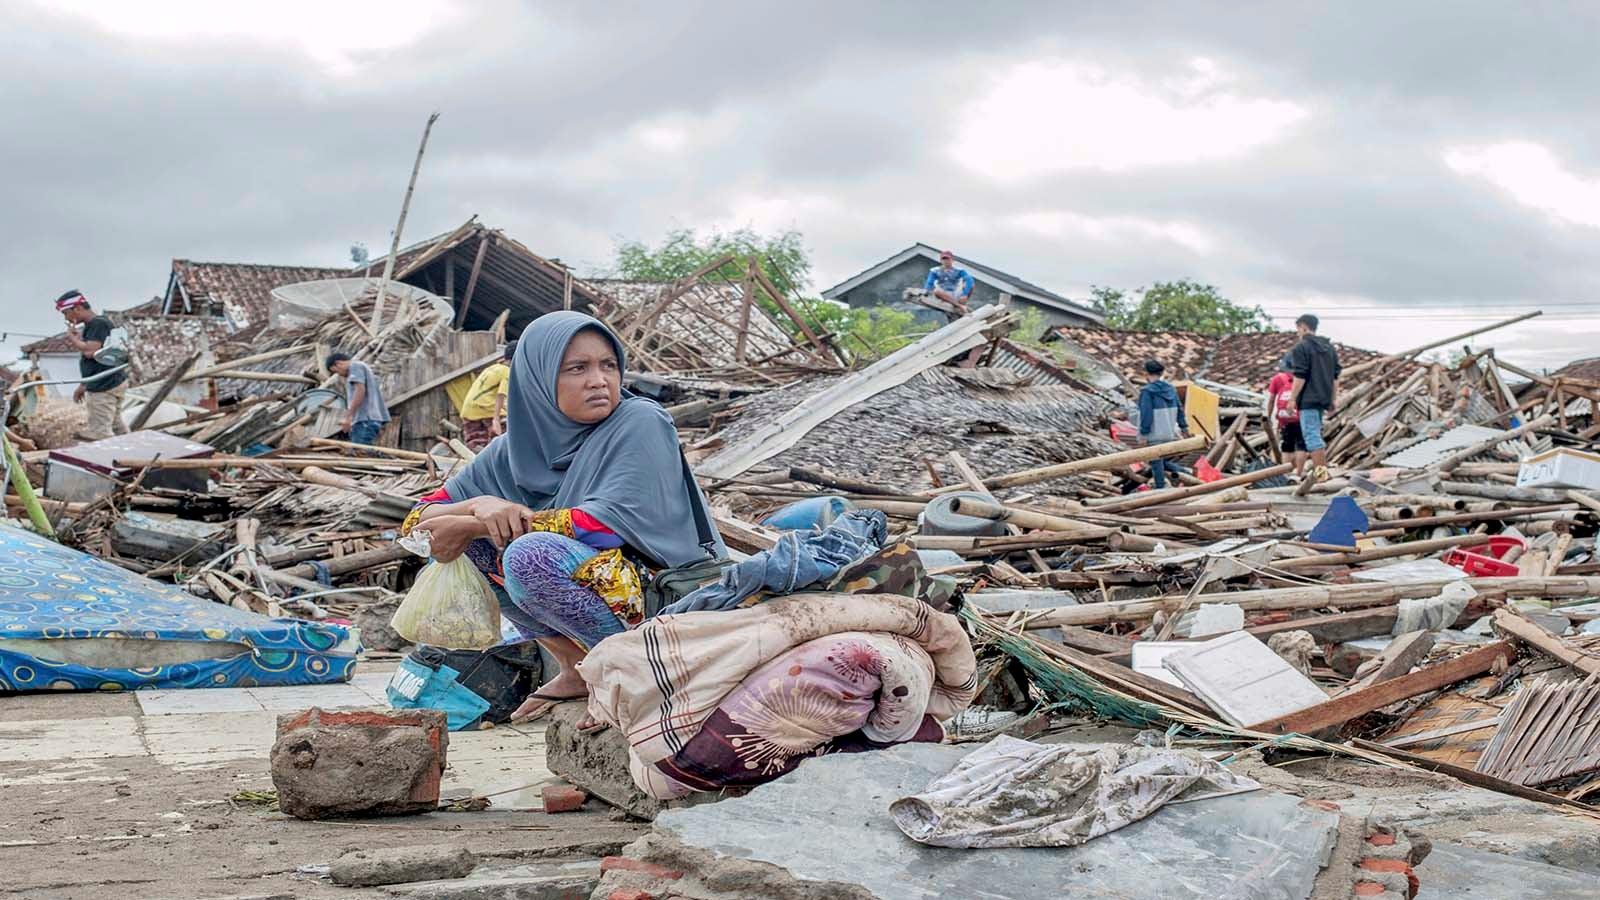 Katastrophenforscherin: Unwetter werden 2019 noch mehr Opfer fordern